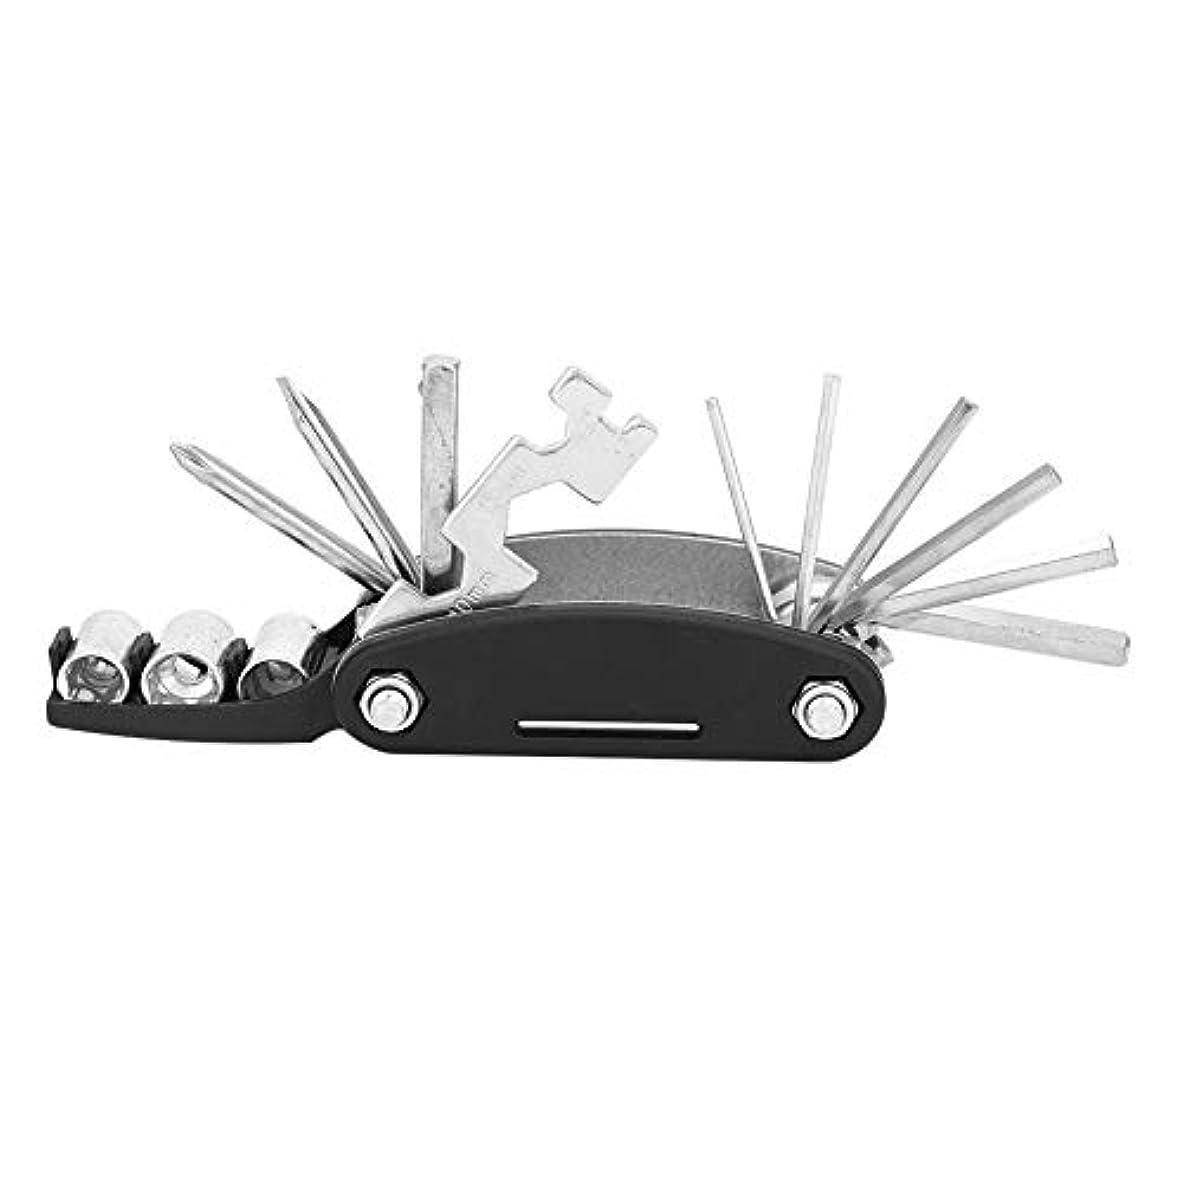 ビデオ改修チョークパンク修理キット 携帯型 自転車修理セット 16-in-1マルチツール 折りたたみ多機能工具セット 持ち運び便利